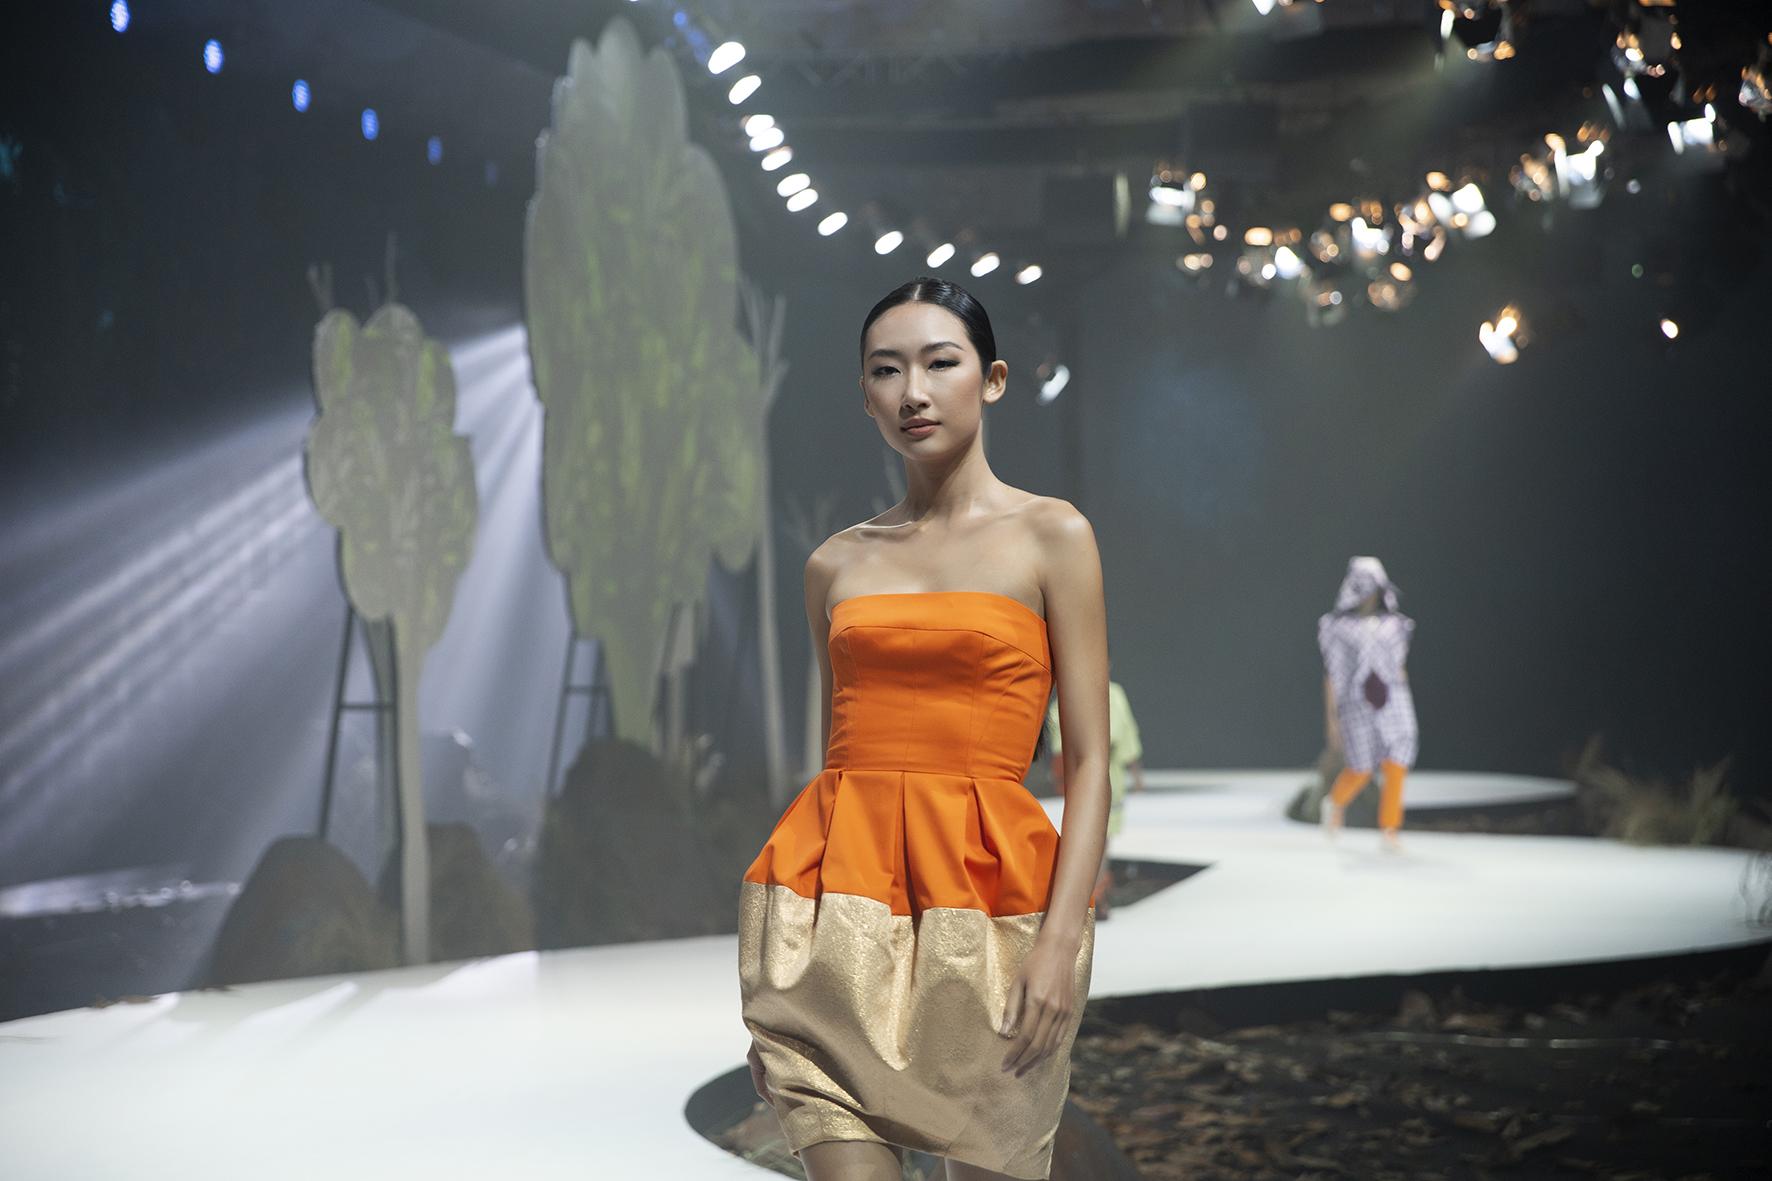 """Lê Âu Ngân Anh bất ngờ trở lại thảm đỏ, siêu mẫu Thanh Hằng hóa """"chị Hằng"""" trong truyền thuyết kết màn Tuần lễ thời trang - Ảnh 15."""